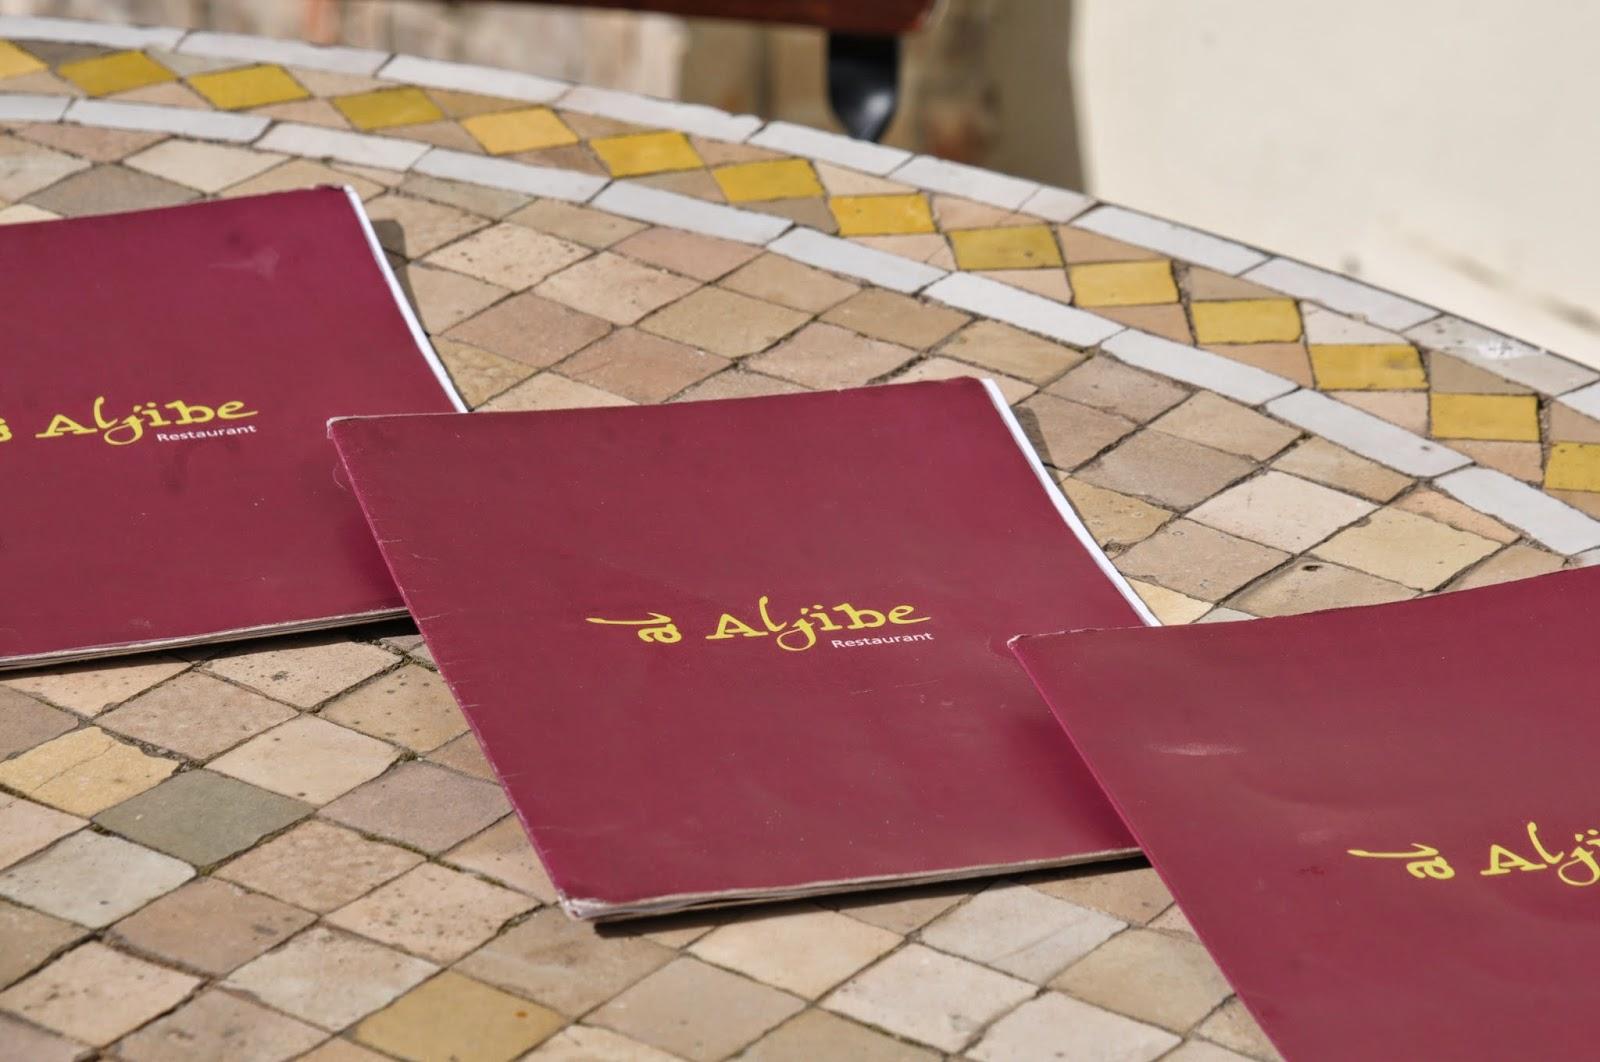 Restaurante Al Aljibe